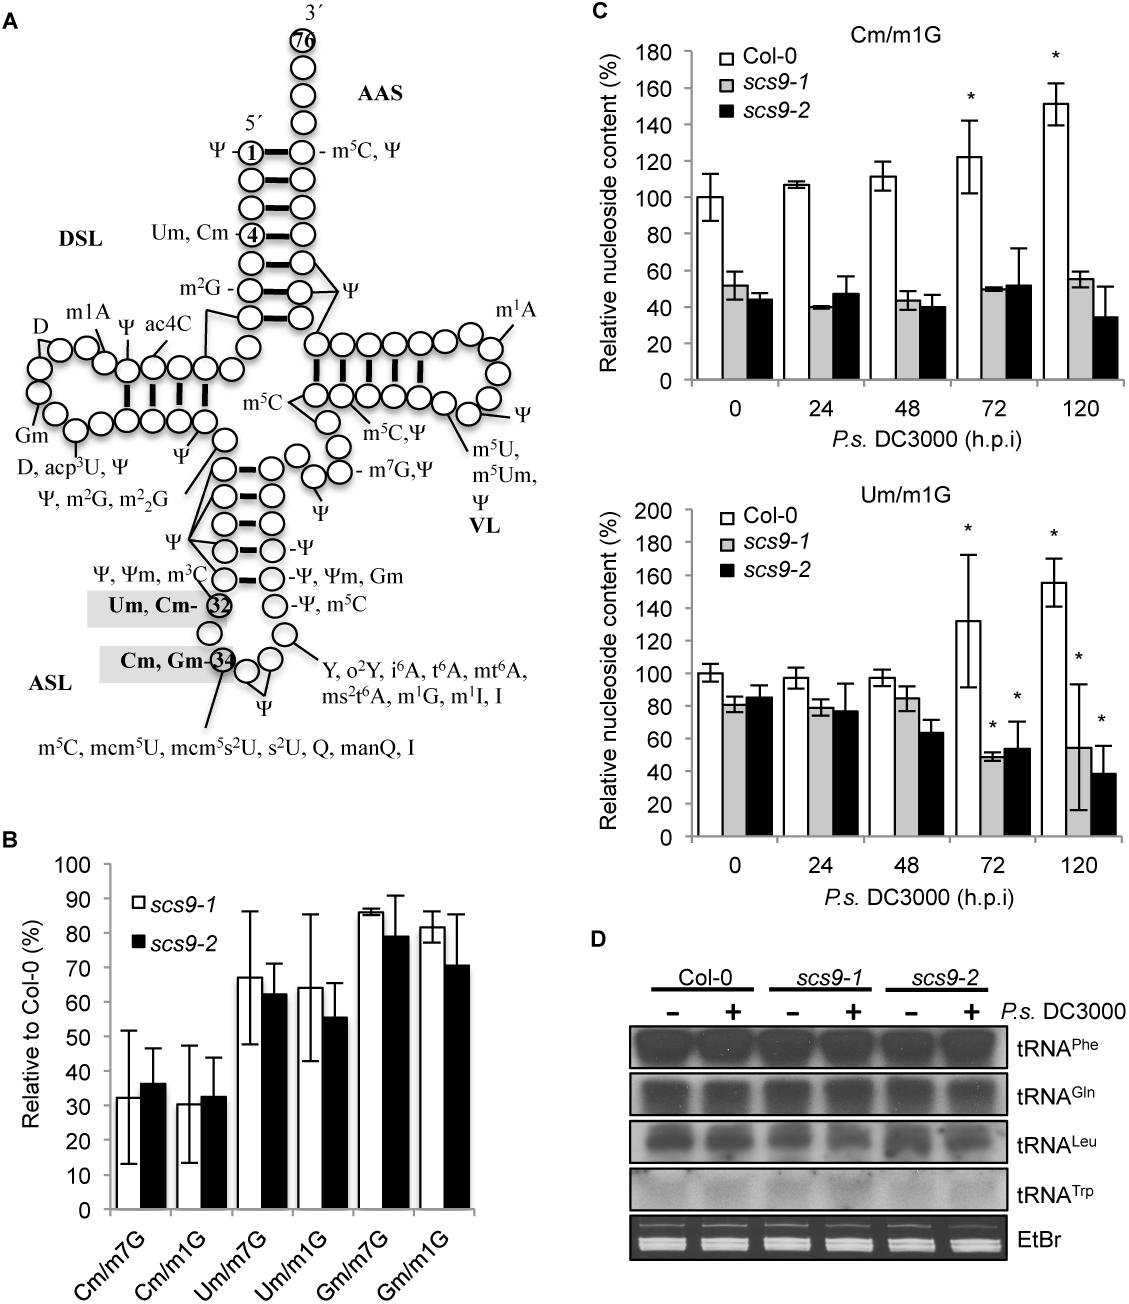 Reduced content of tRNA-derived 2'-<i>O</i>-methylcytosine (Cm), 2'-<i>O</i>-methyluracil (Um) and 2'-<i>O</i>-methylguanine (Gm) in <i>scs9-1</i> and <i>scs9-2</i> mutants.